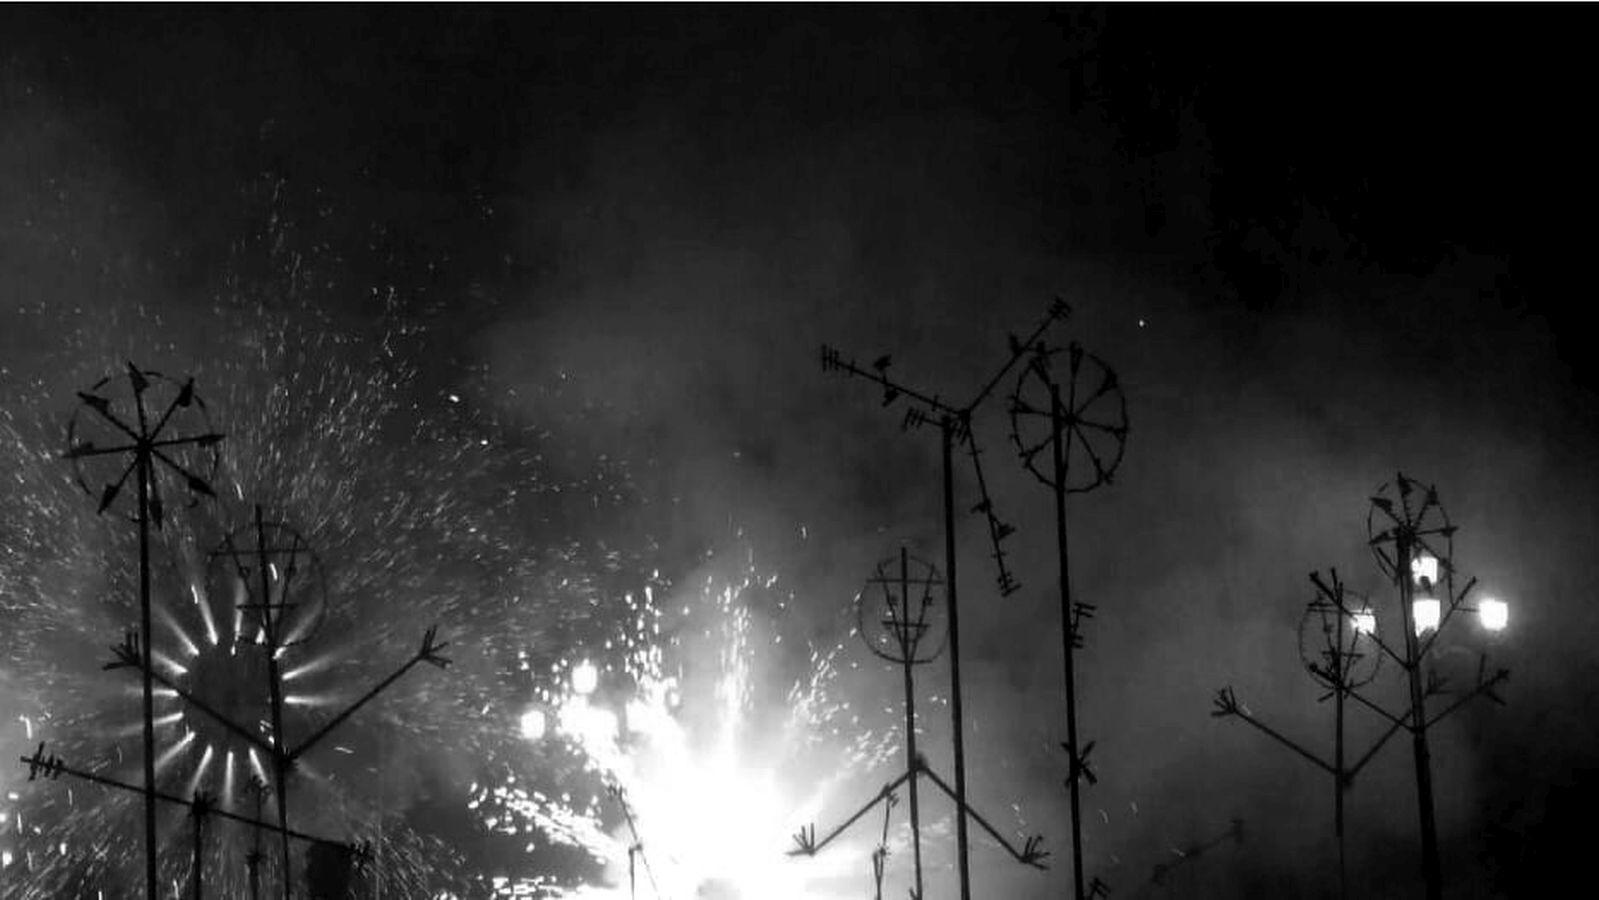 El IVAM dispara un castillo de fuegos artificiales tradicional para clausurar la exposición de Lola Lasurt